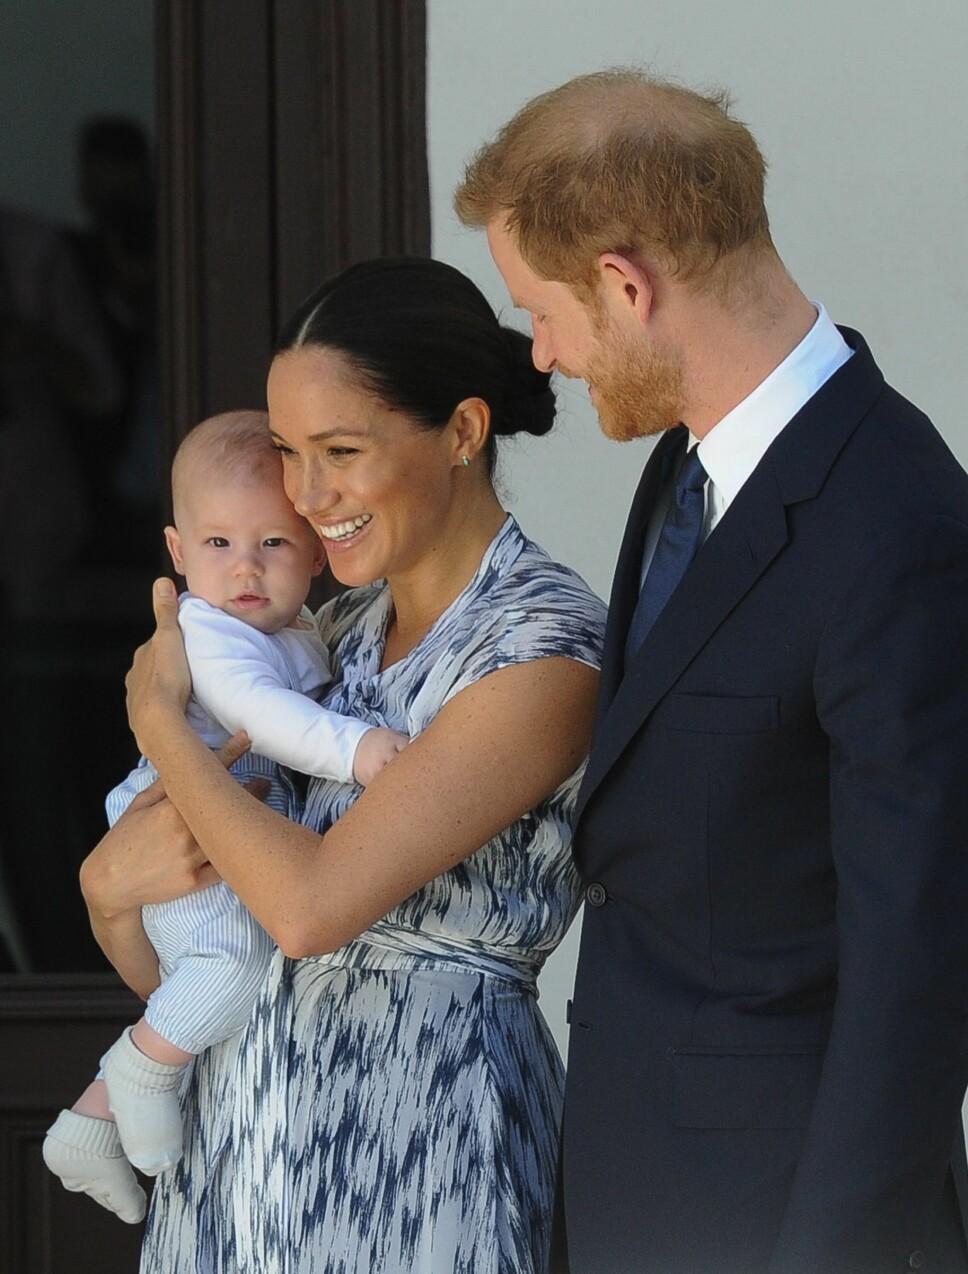 FRYKTER FOR MEGHANS LIV: Prins Harry frykter at Meghan vil lide samme skjebne som hans mor gjorde for 22 år siden. Nå gjør han alt i sin makt for å beskytte sin lille familie.